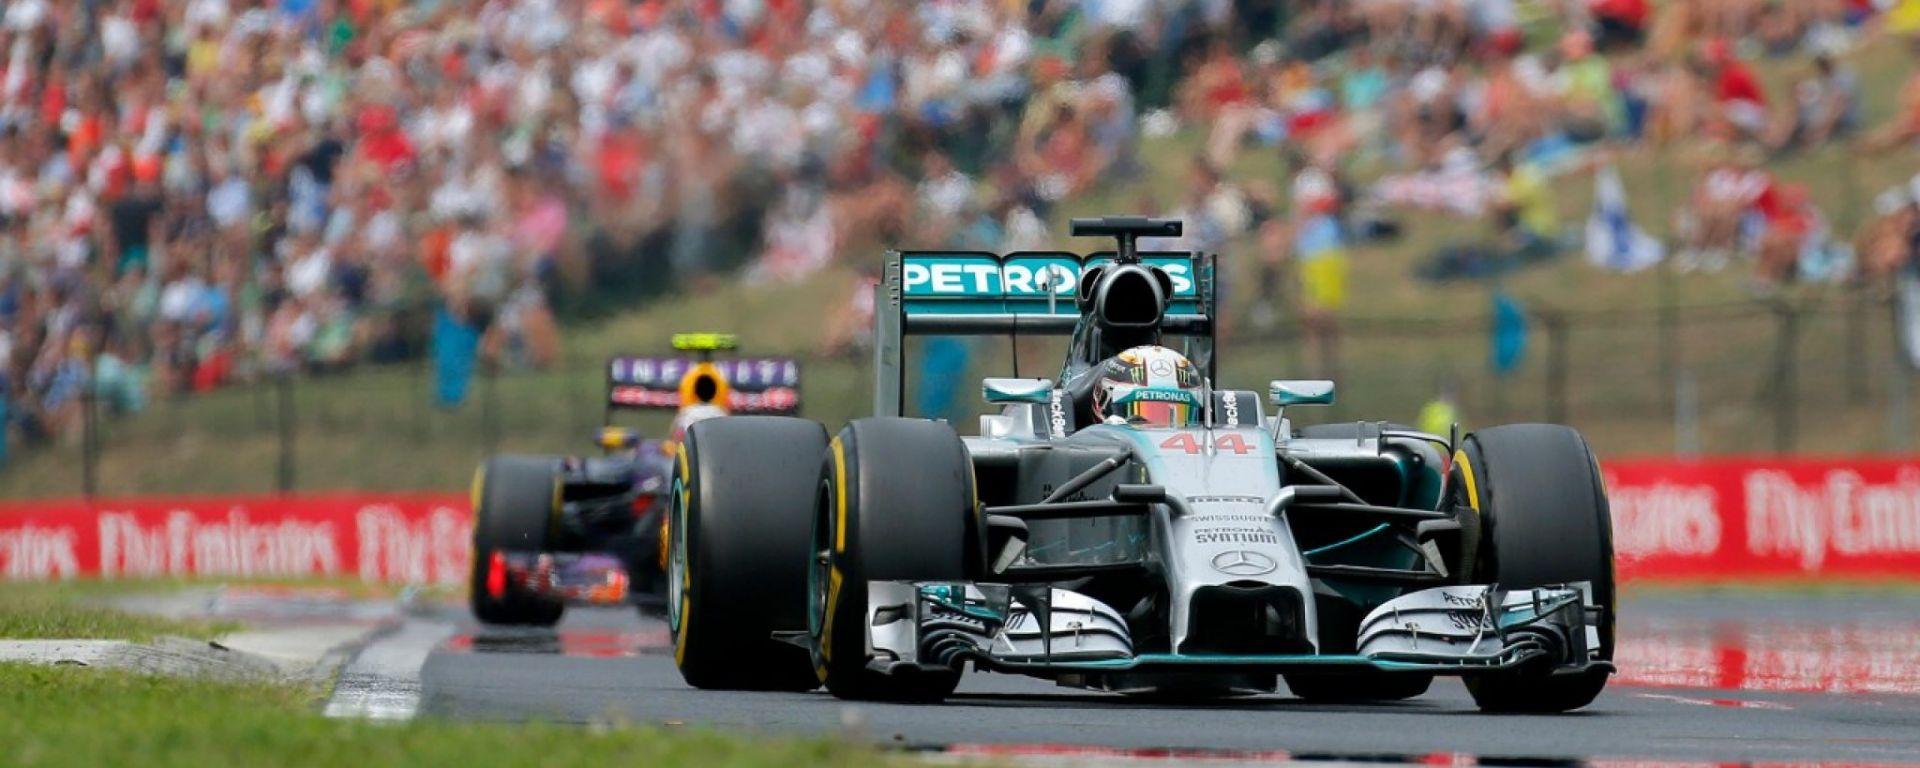 F1 2016 - Gran Premio d'Ungheria - Info e Risultati